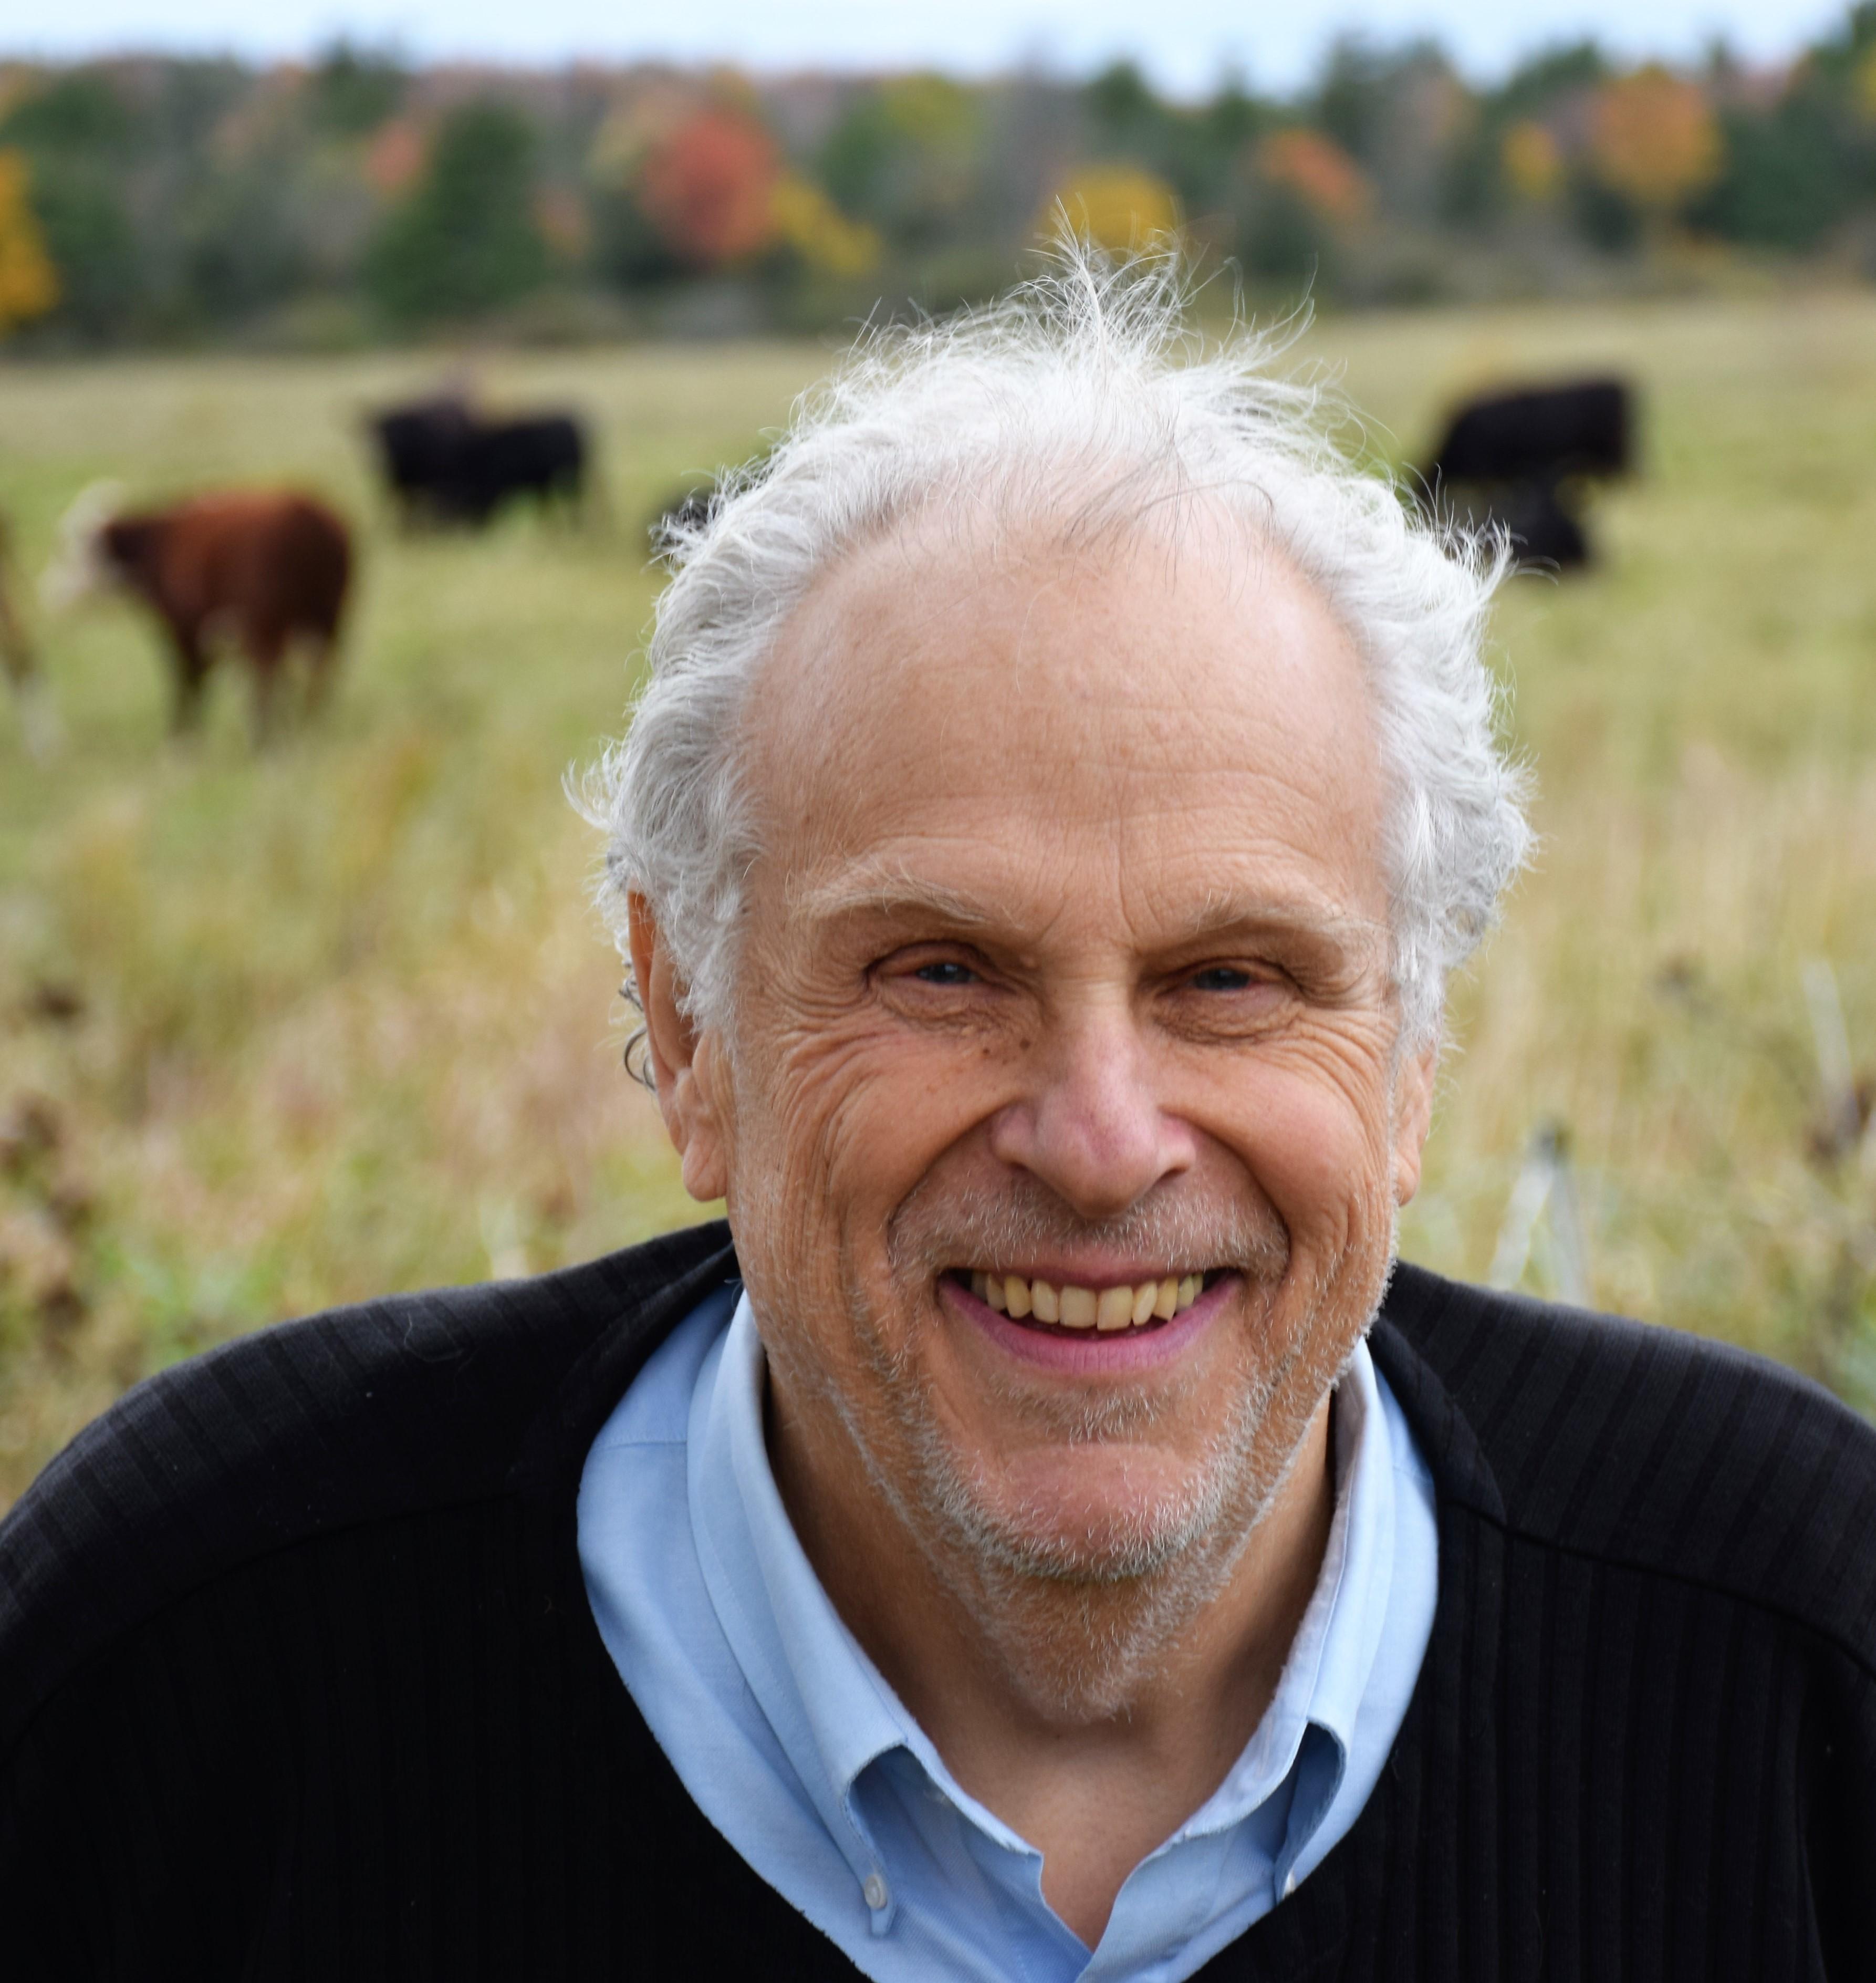 About Bill Schubart